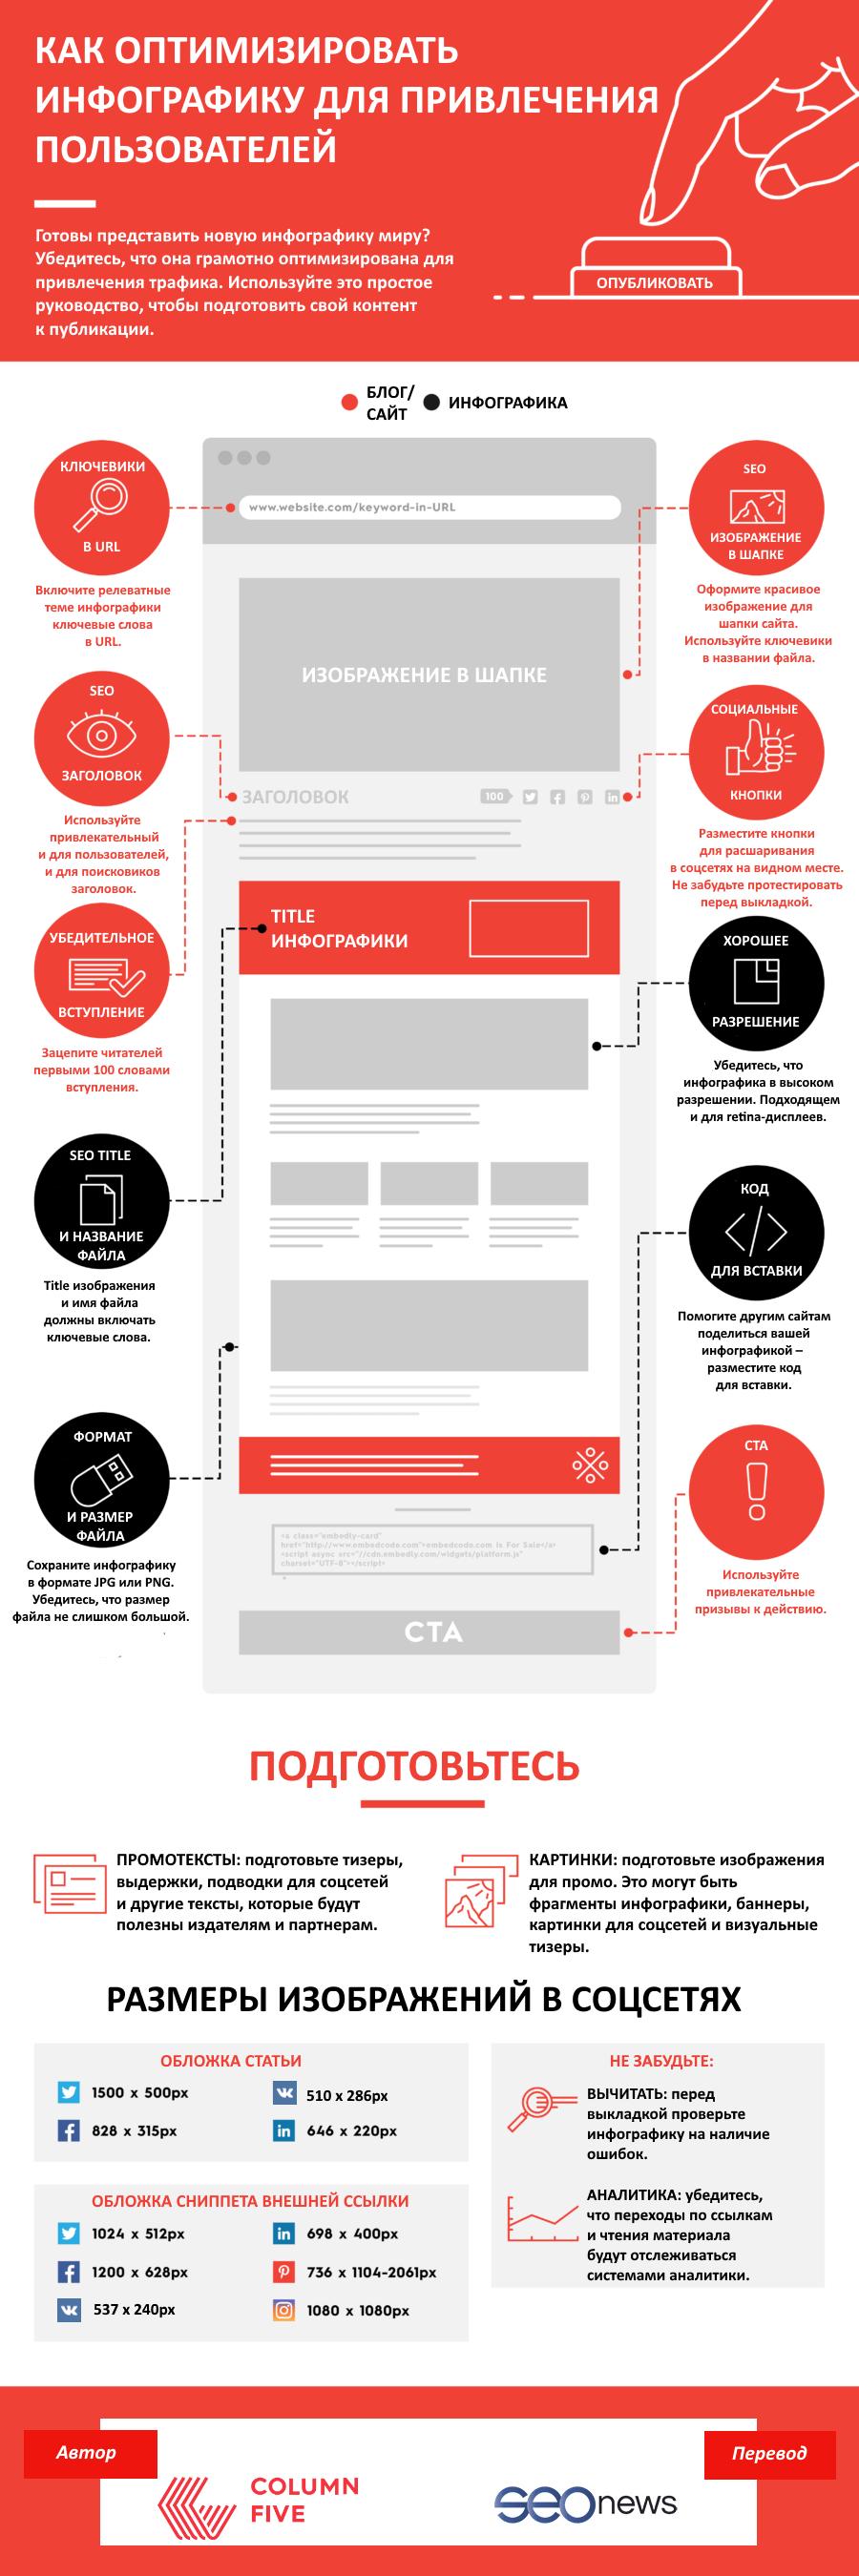 3 простых шага к оптимизации и улучшению ранжирования инфографики